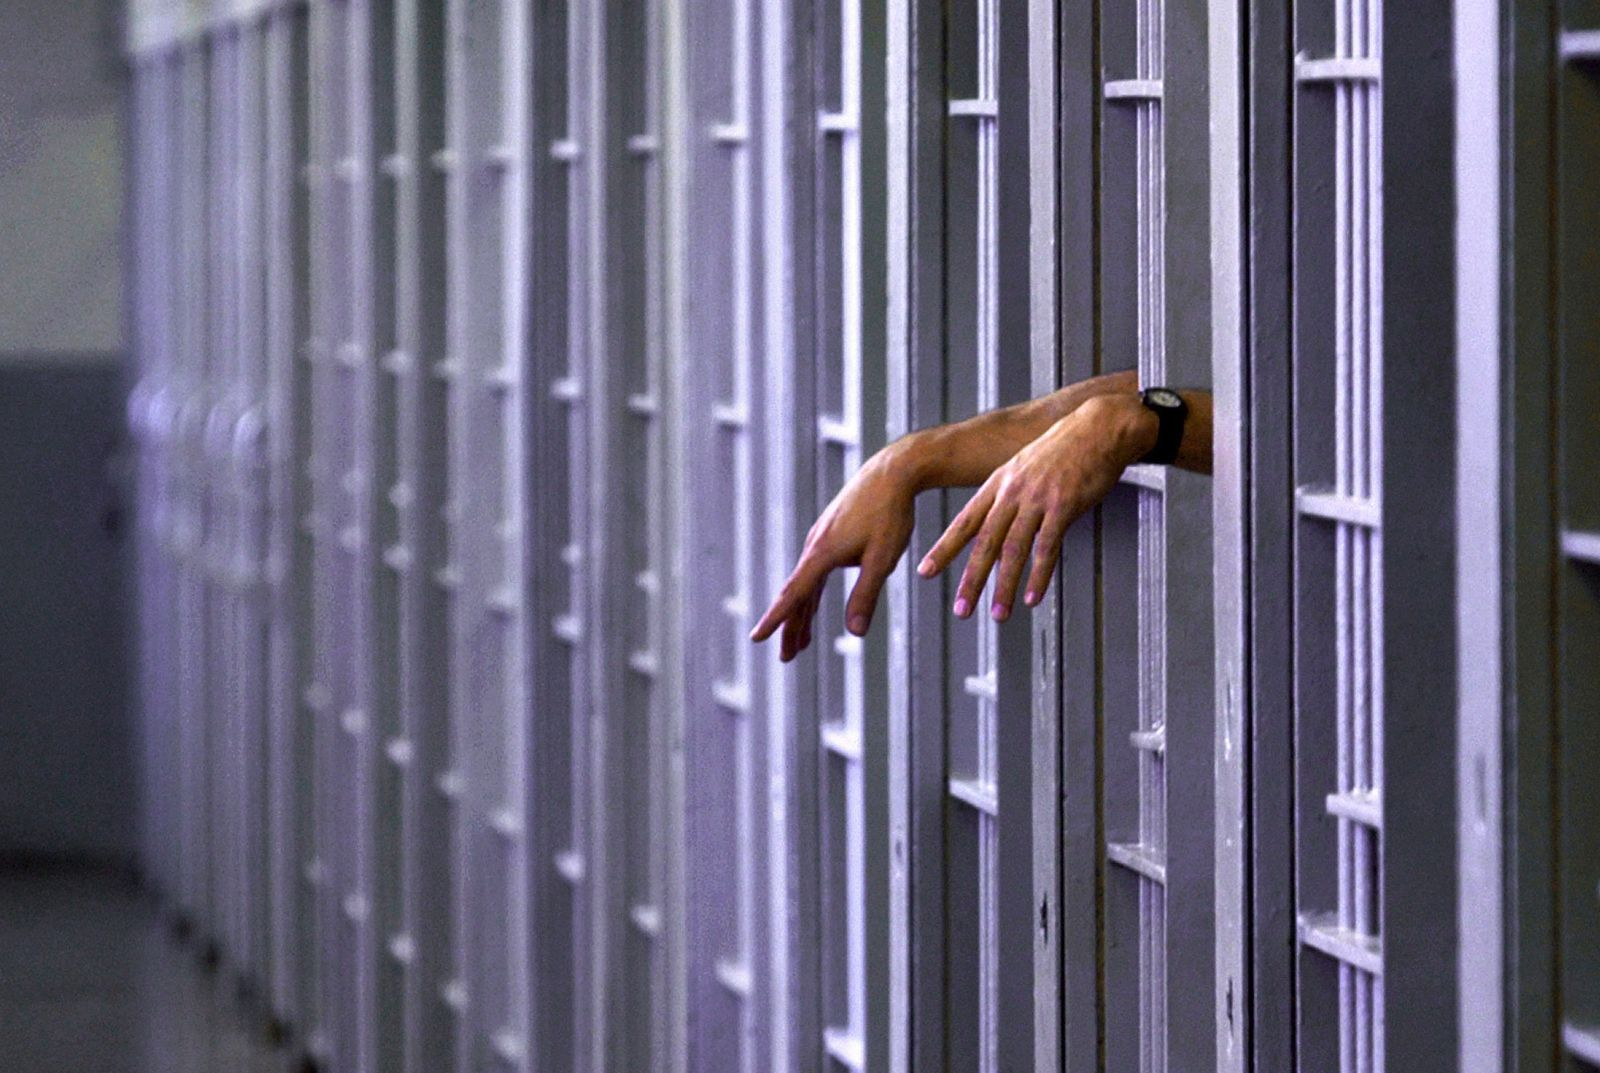 Pontic / Todesstrafe / Gefängnis